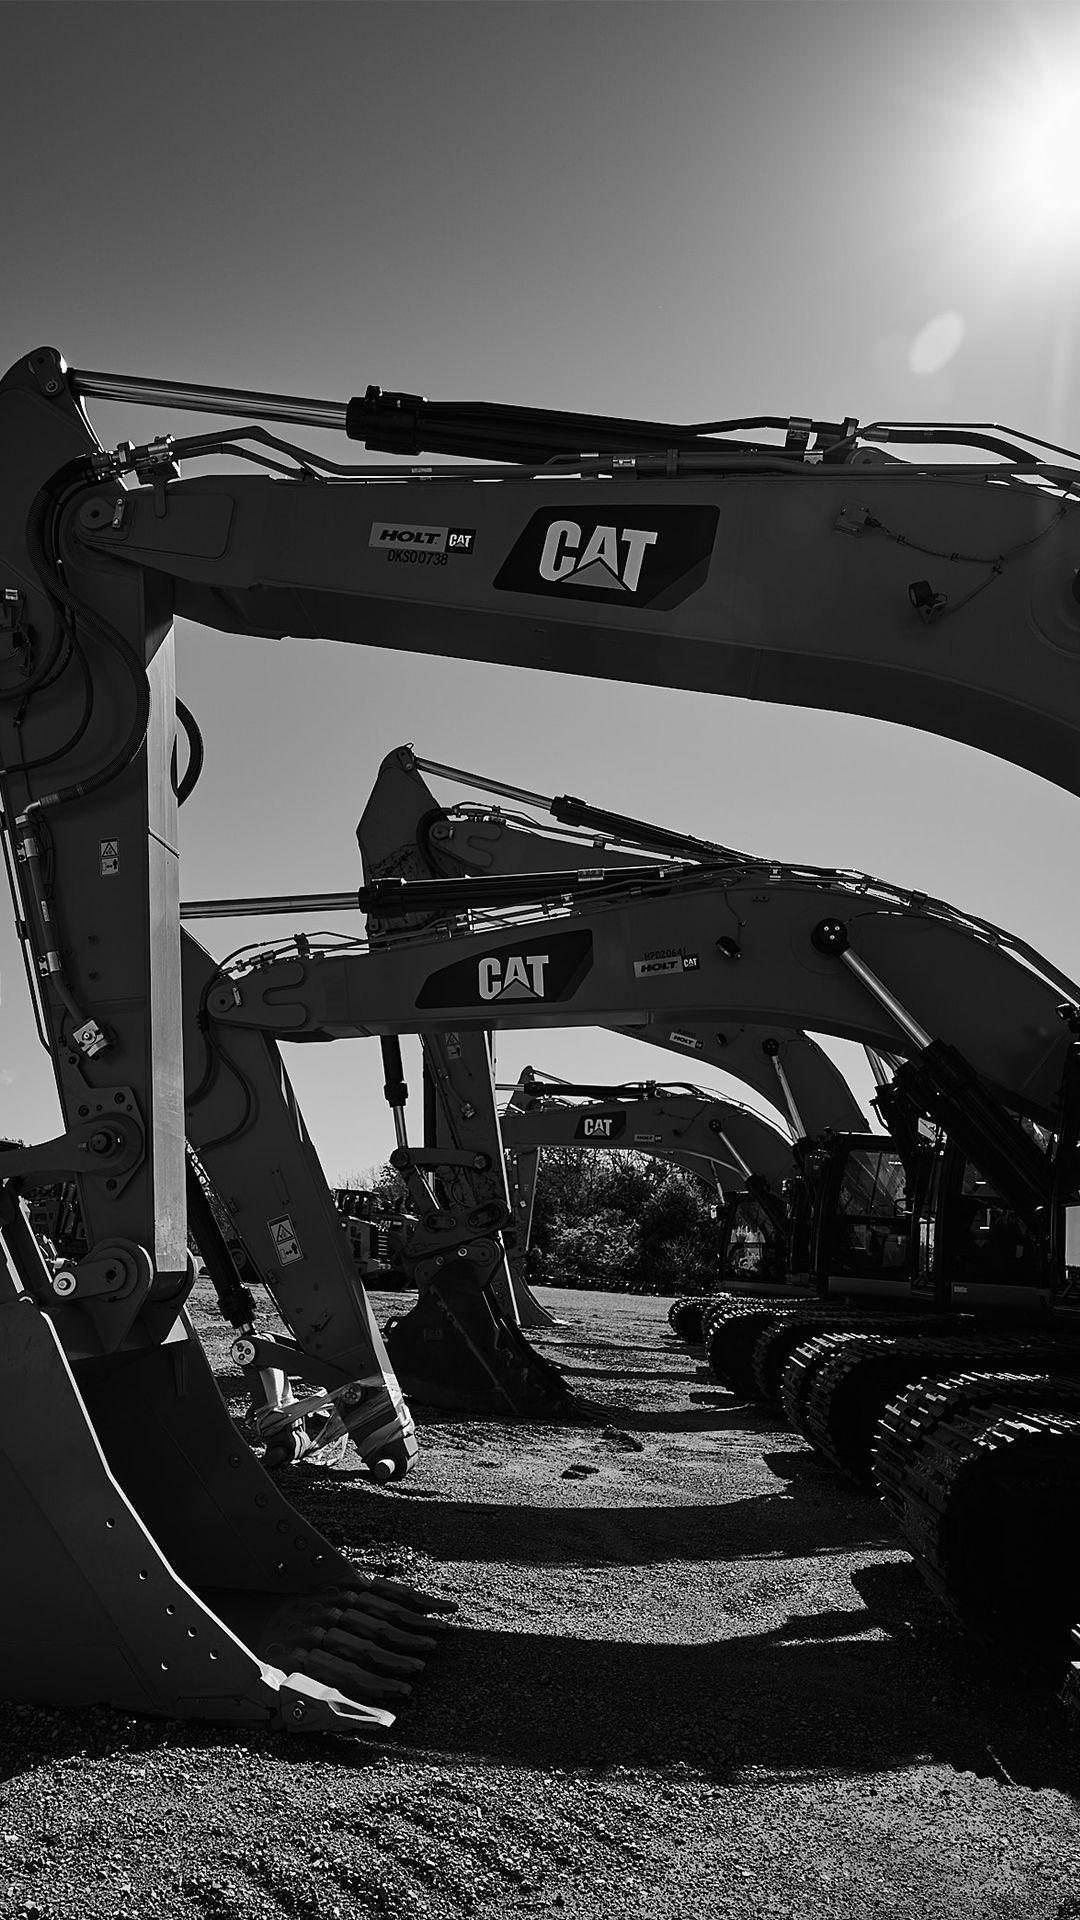 Linedup Excavators